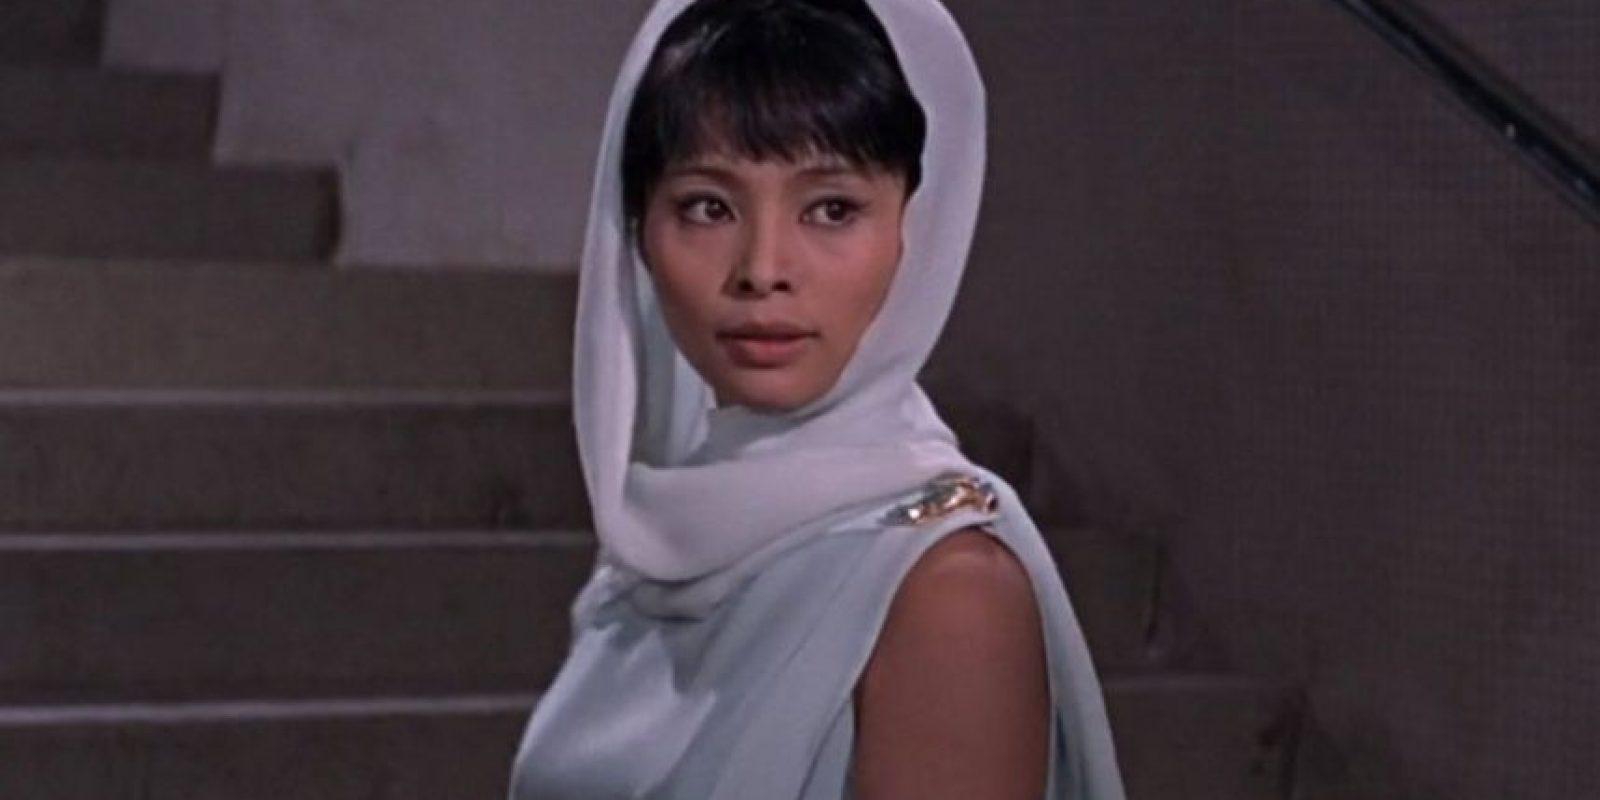 Akiko Wakabayashi, Aki es una agente del servicio secreto japonés que le ayuda a Bond a escapar de ciertos inconvenientes y mas tarde ella se enamoraría de James pero una noche que intentan envenenar a Bond por error la envenenan a ella.